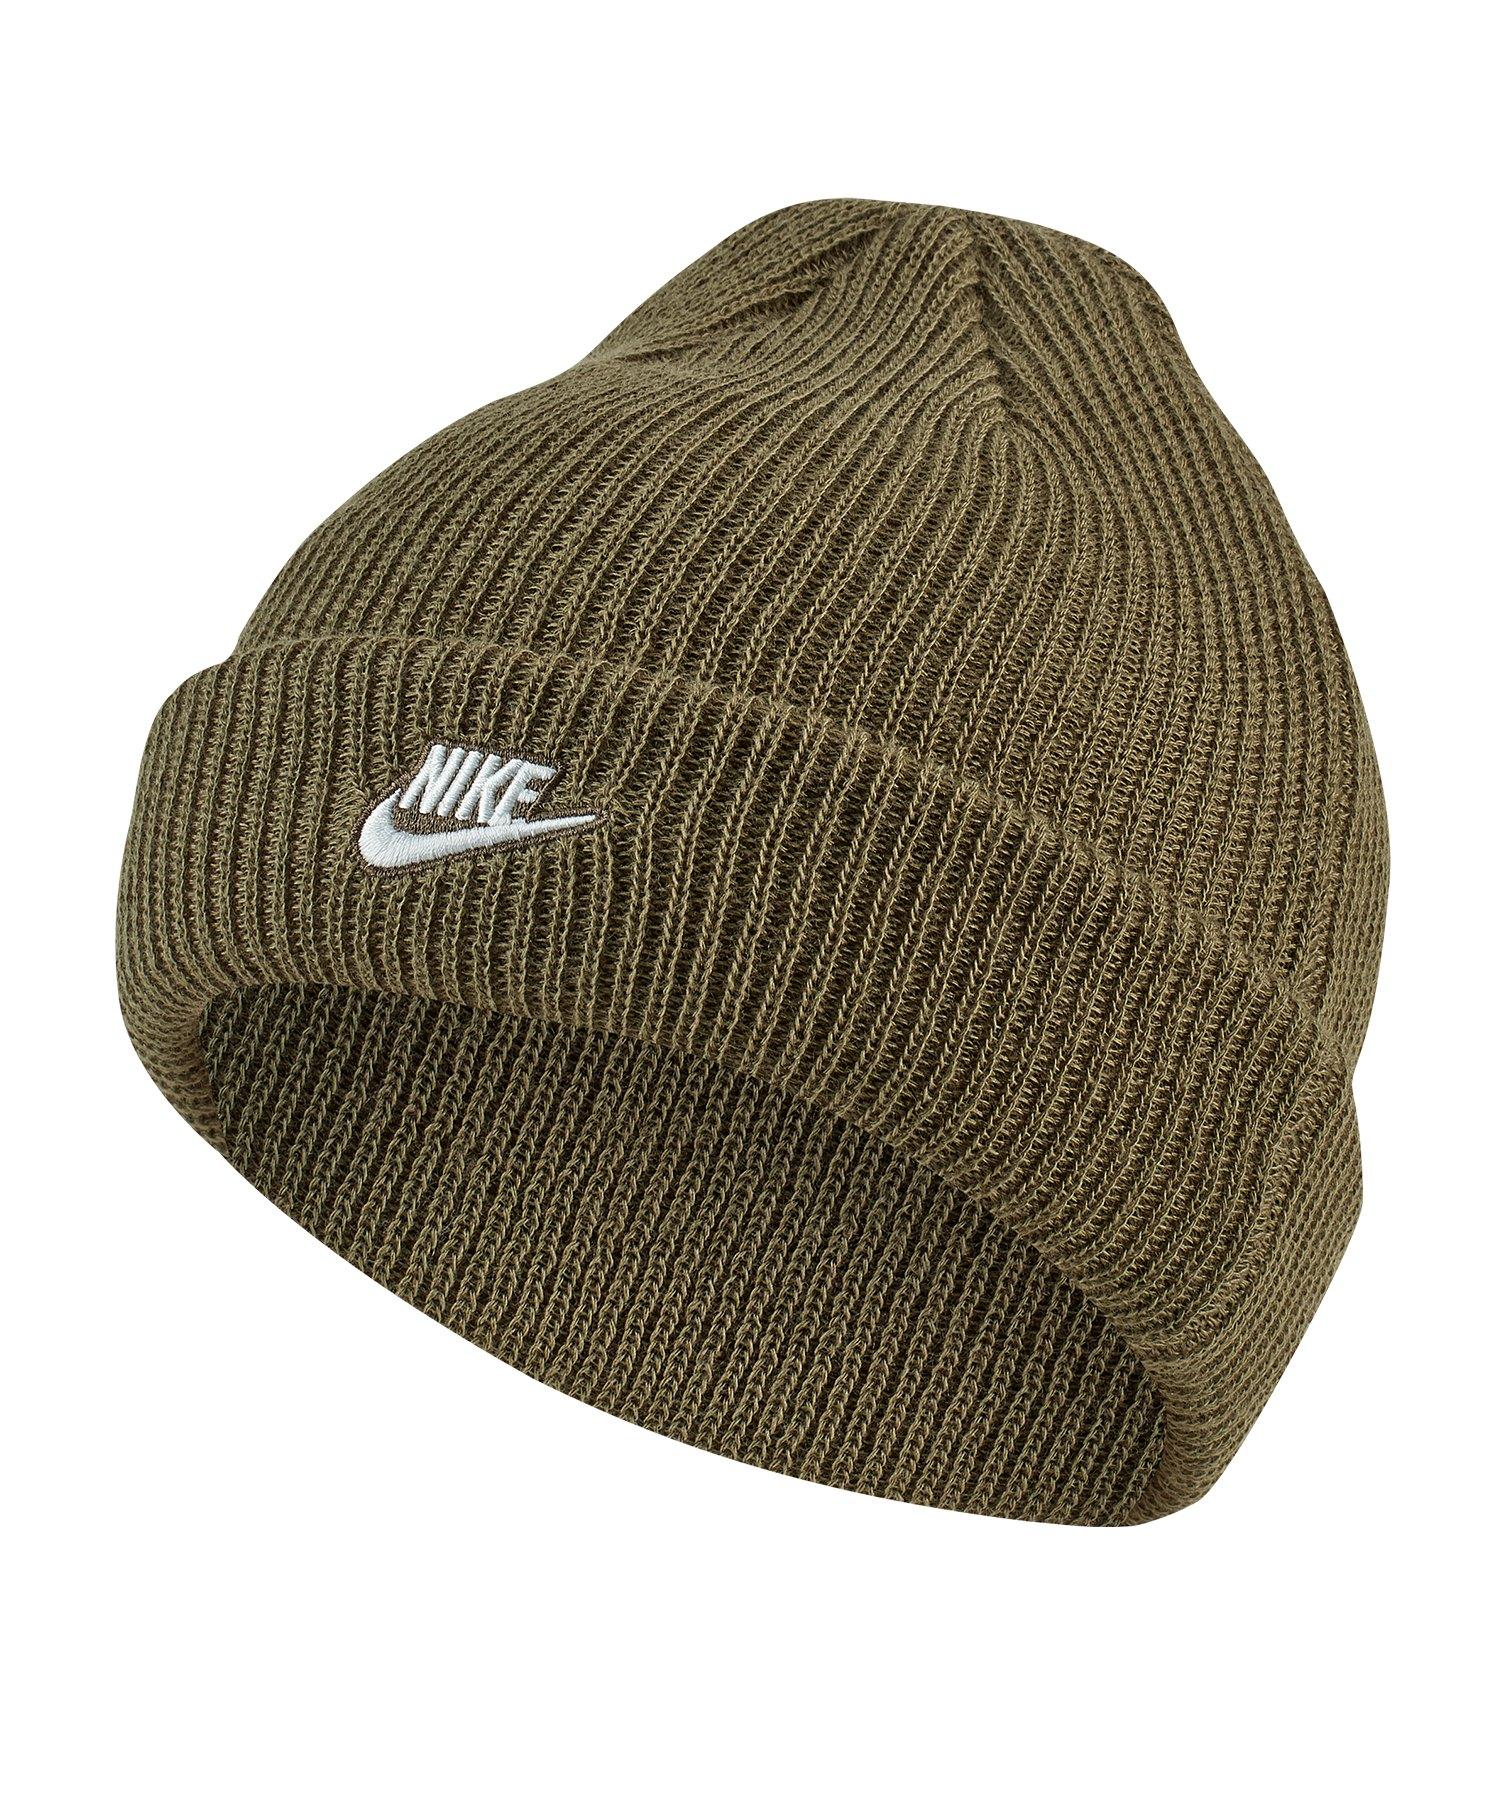 Nike Beanie Mütze Braun F222 - braun